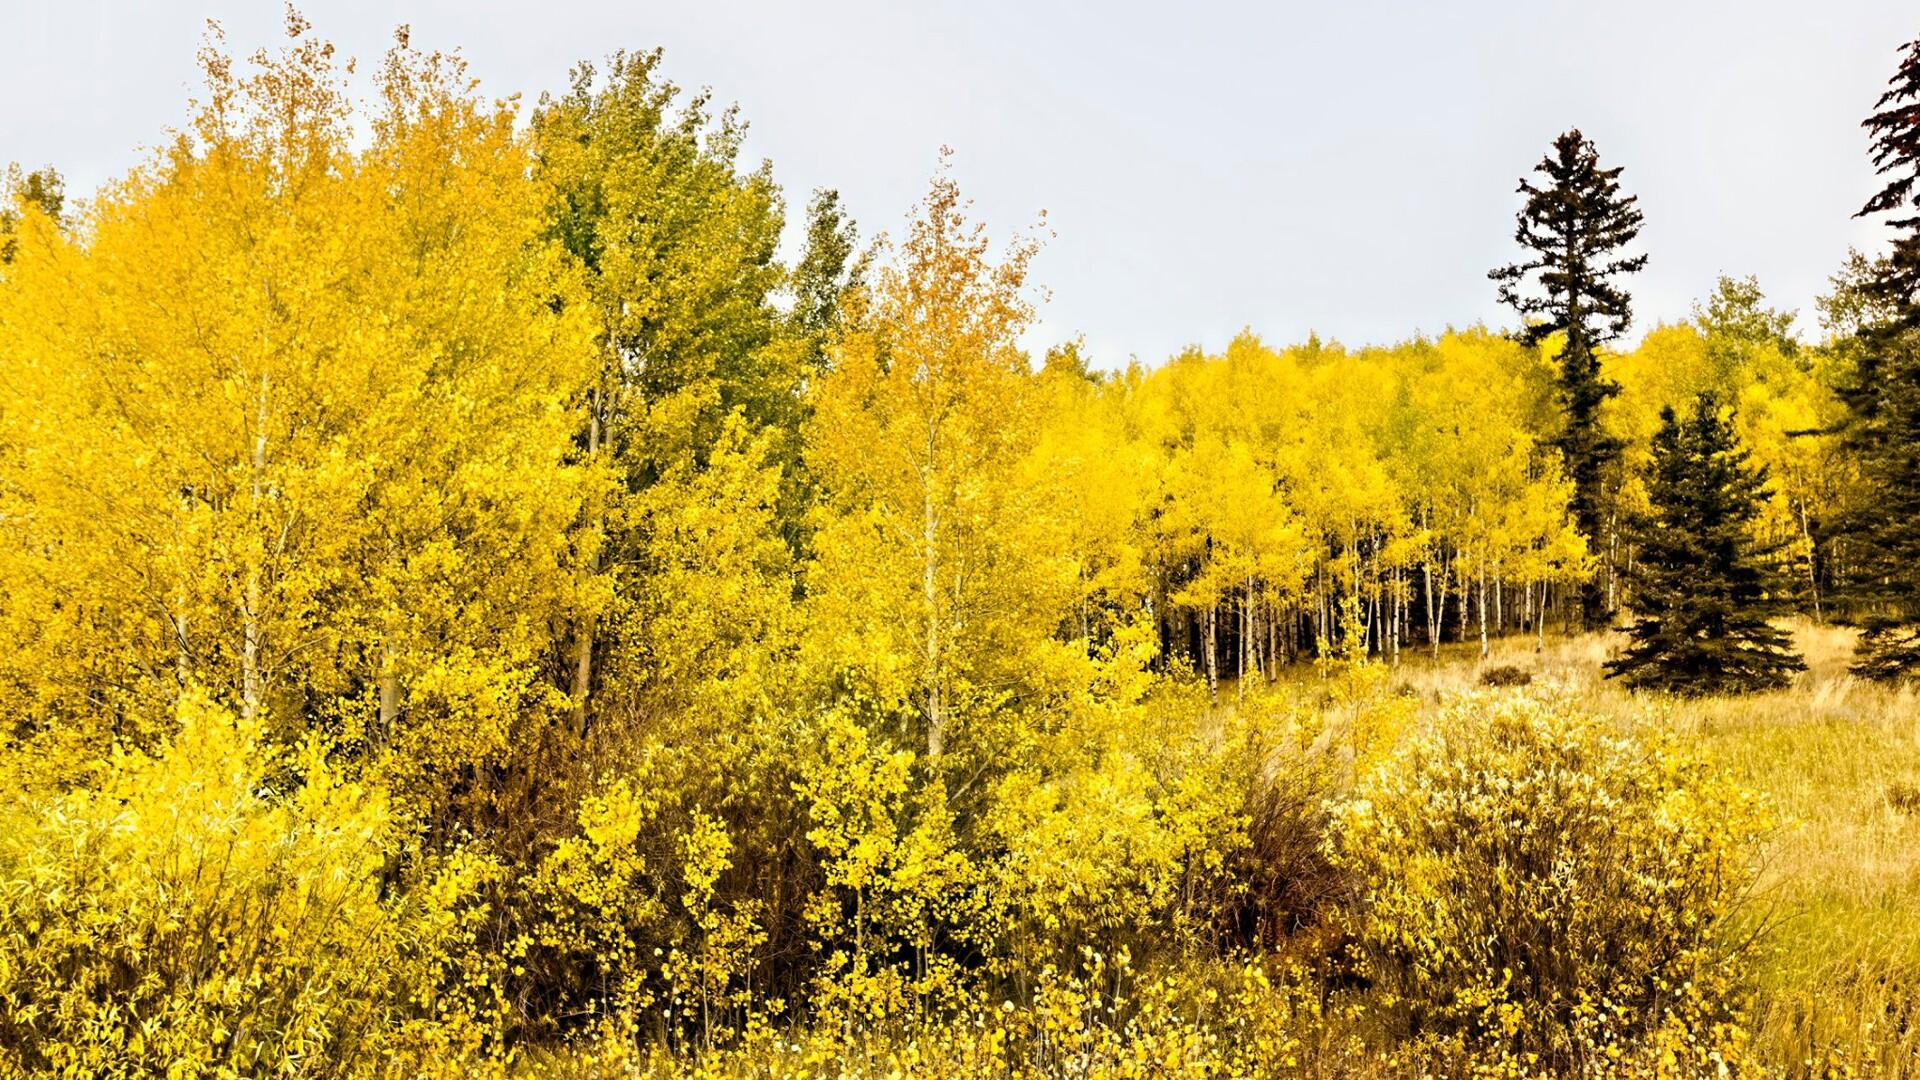 Highway 67 near Divide Larry Marr.jpg